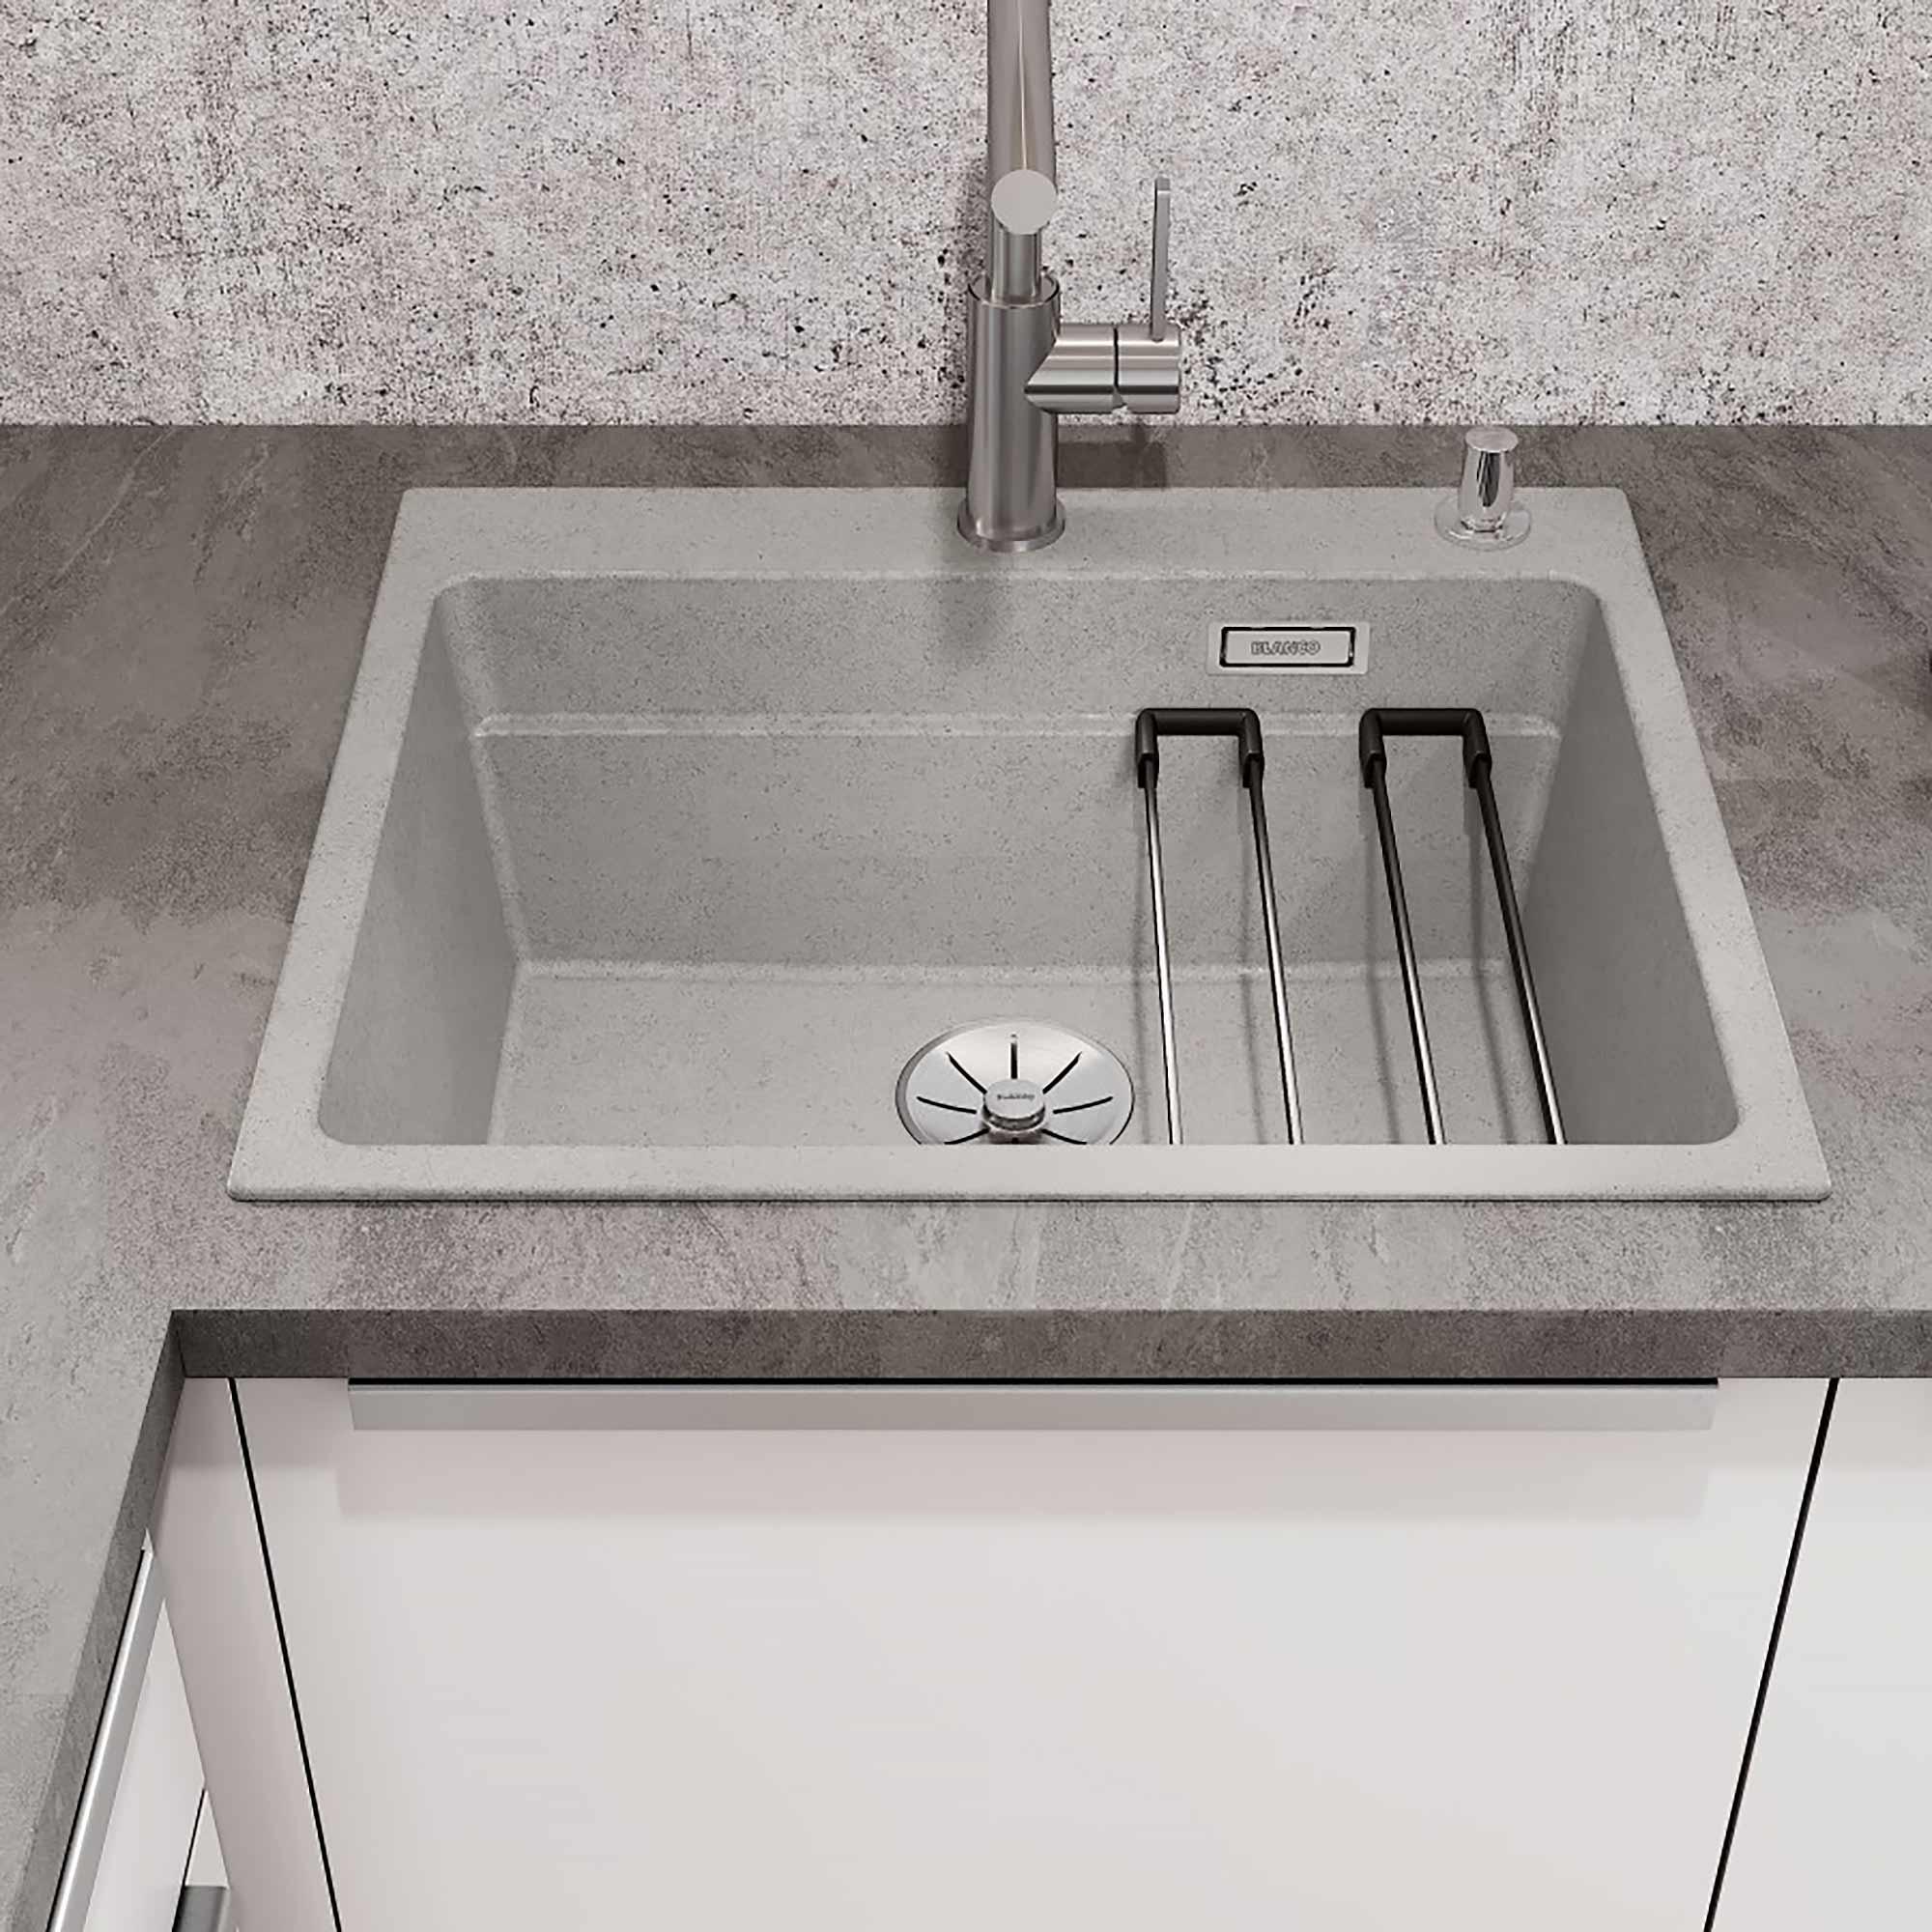 Blanco kitchen sink granite